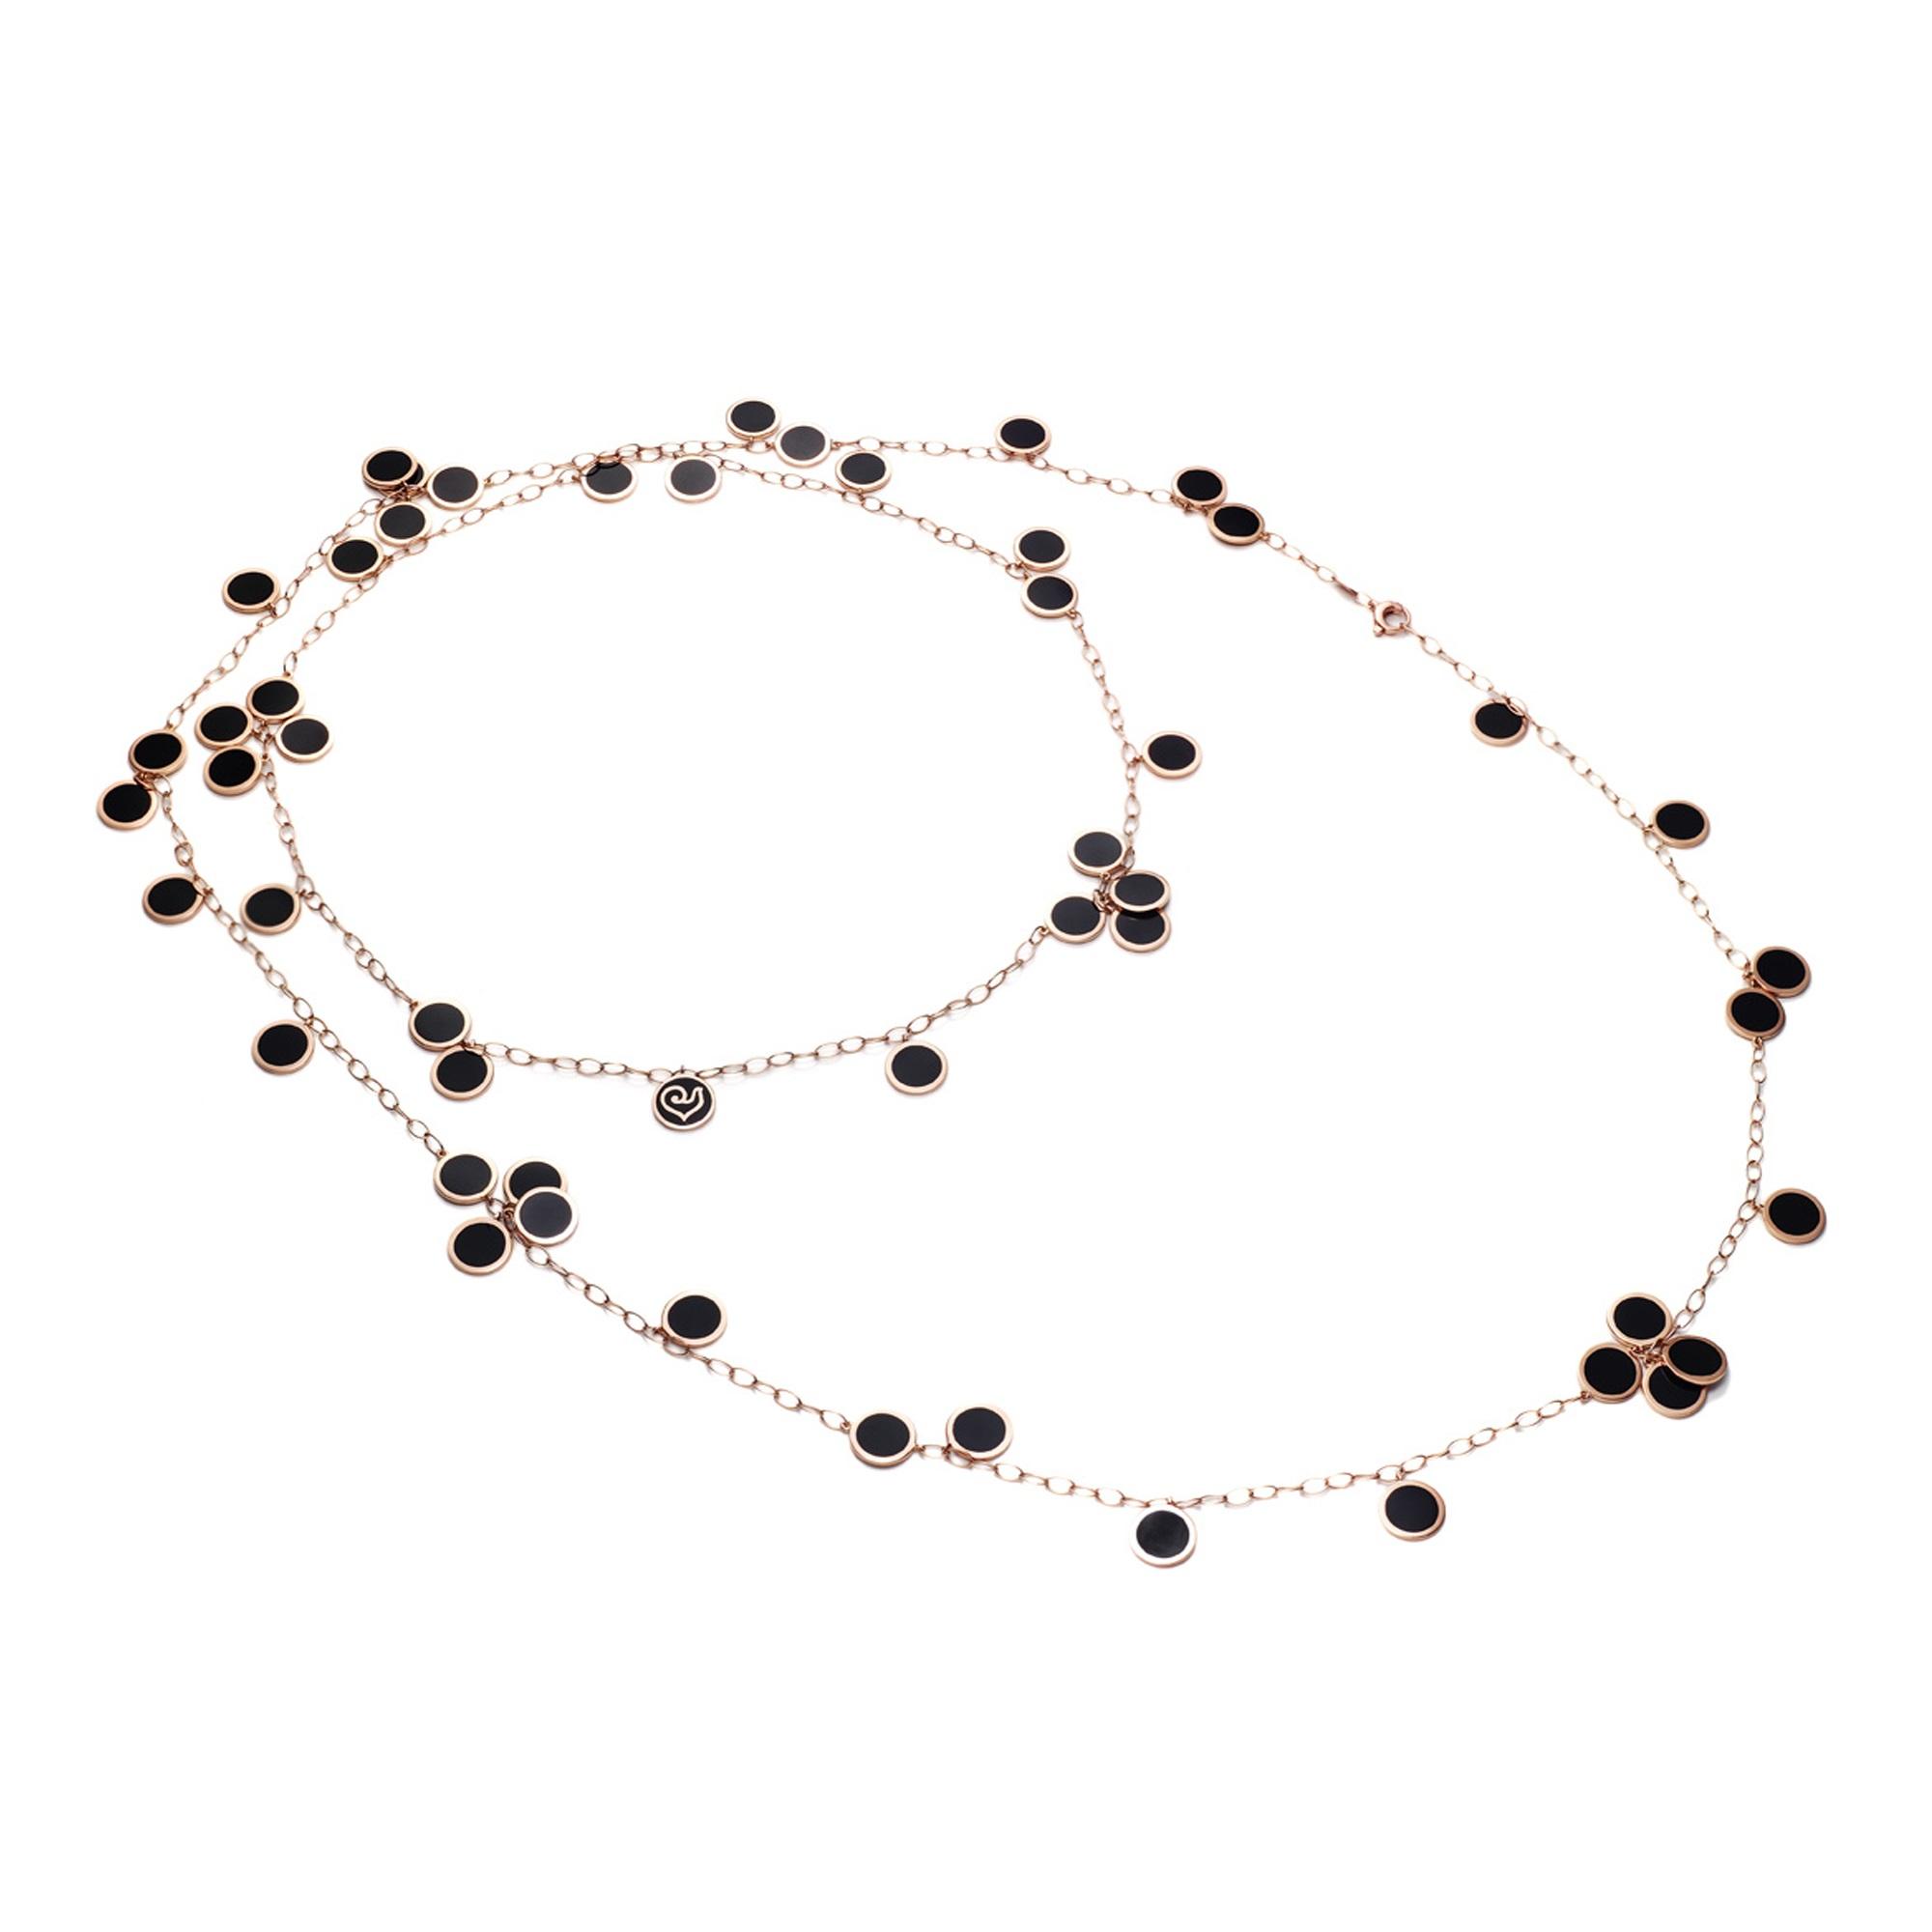 Chantecler Paillettes Collier aus Roségold mit schwarzem Emaille